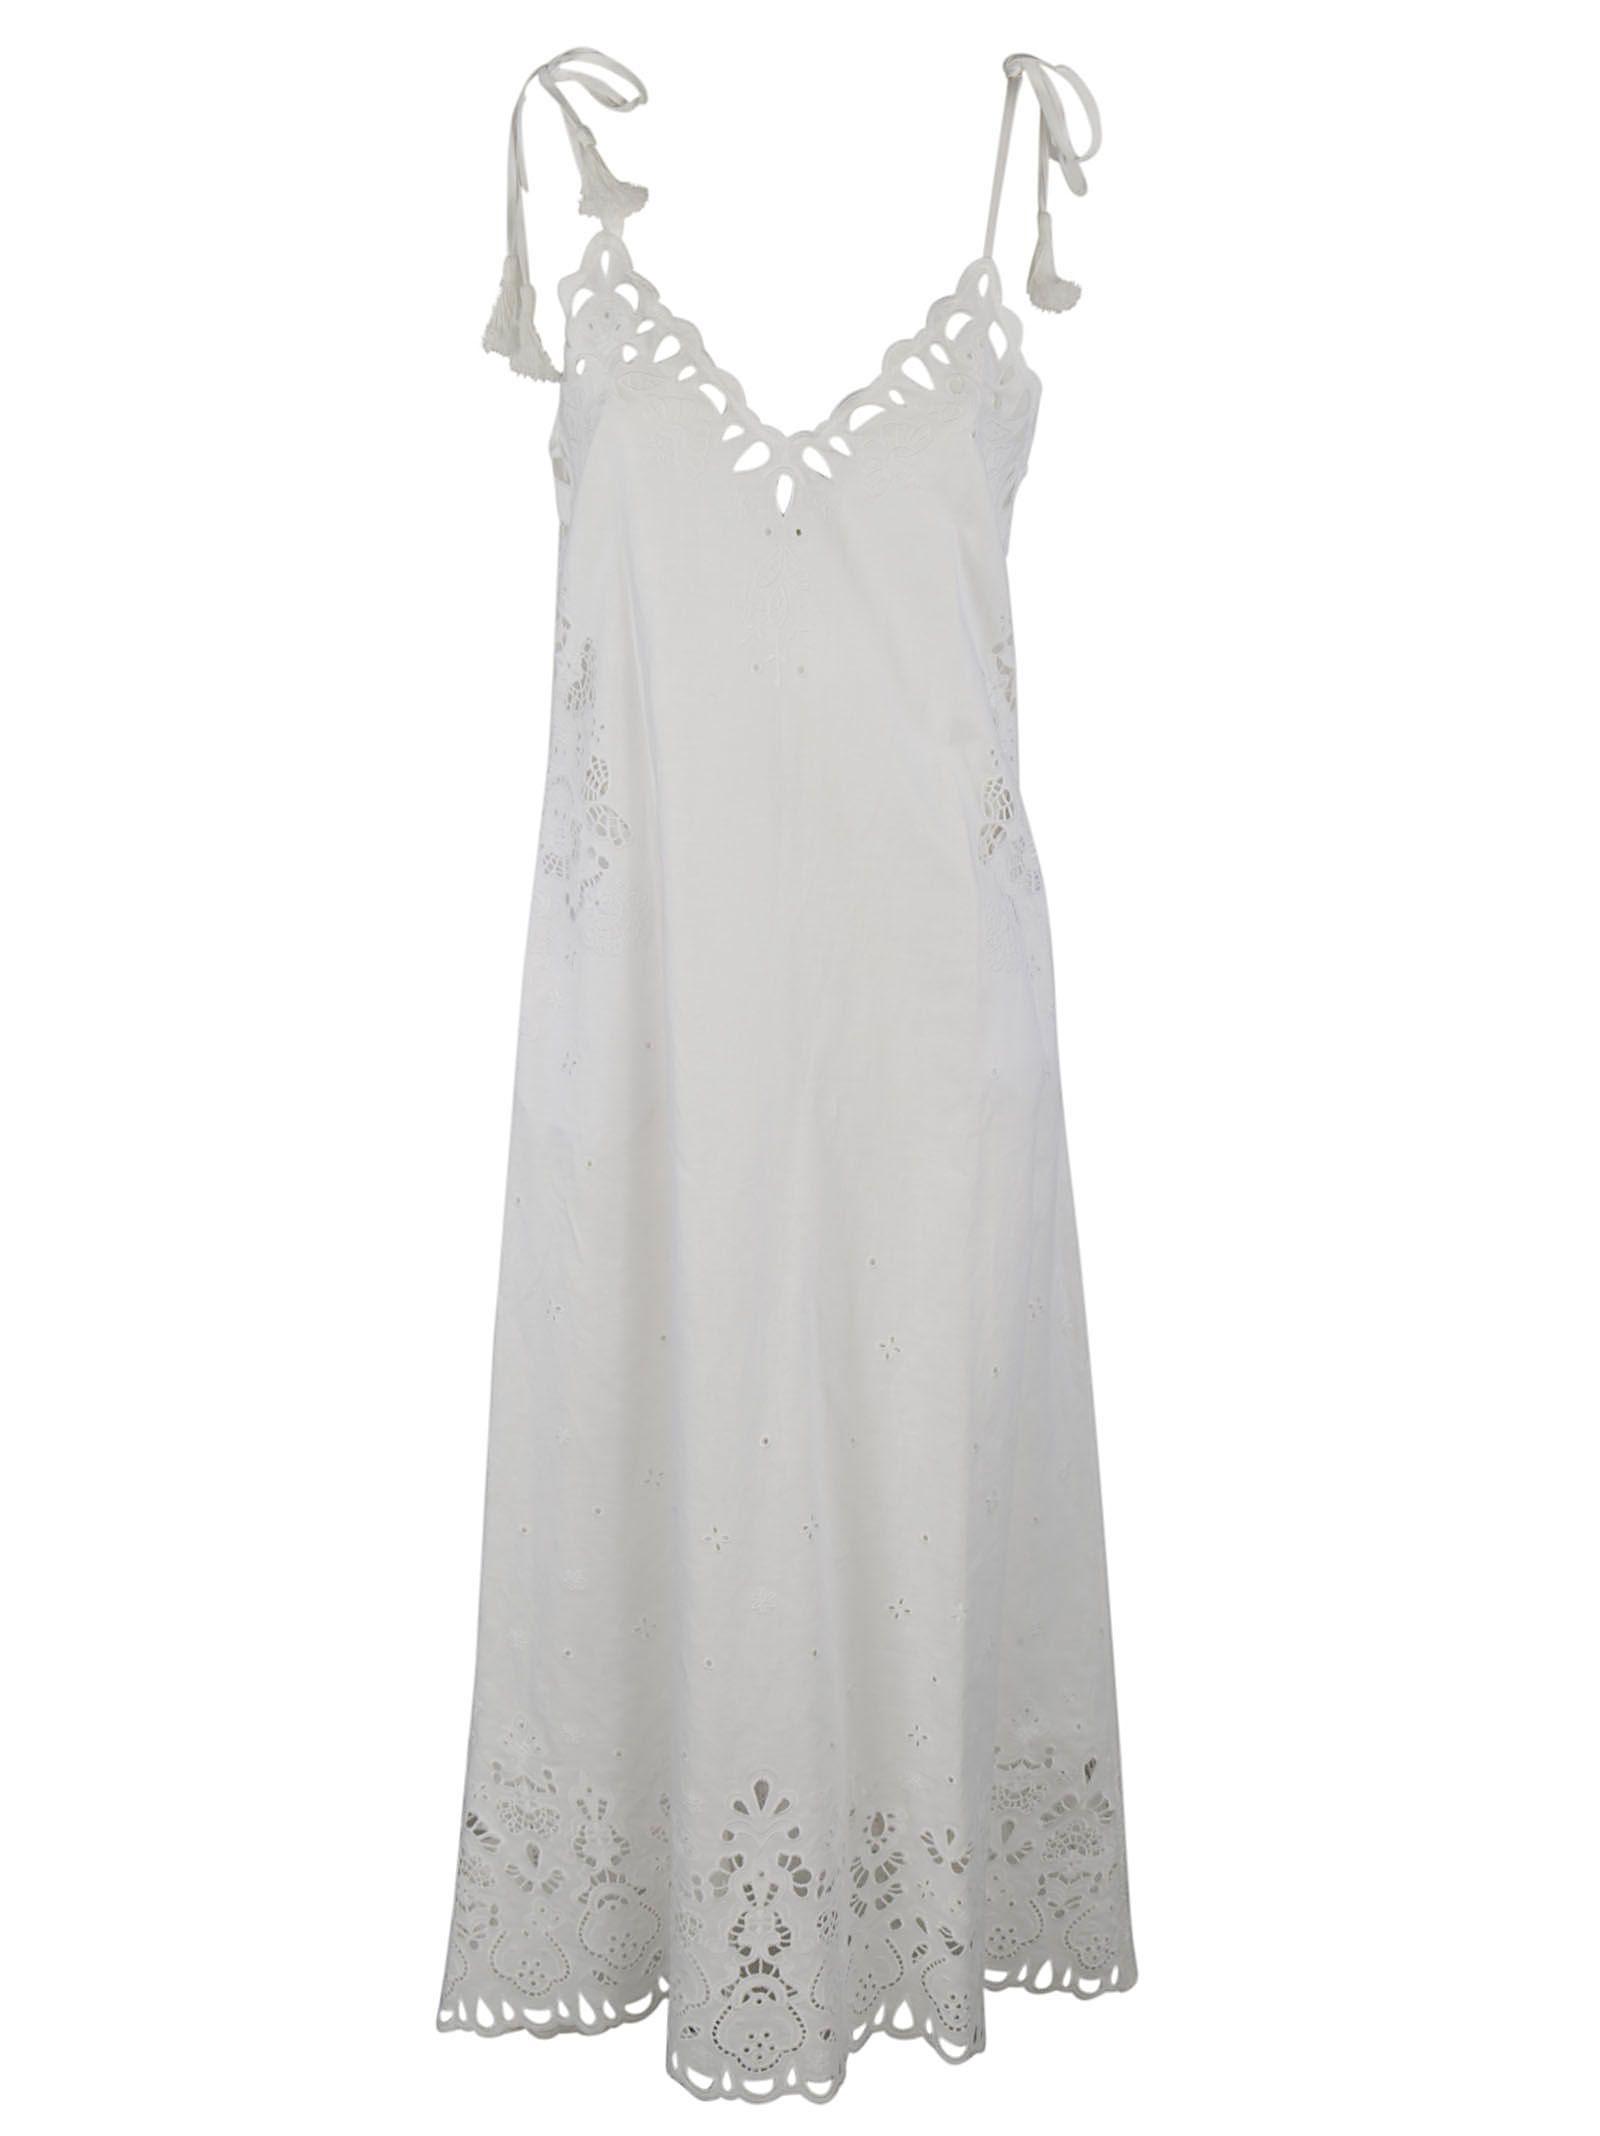 Theory Lace Maxi Dress